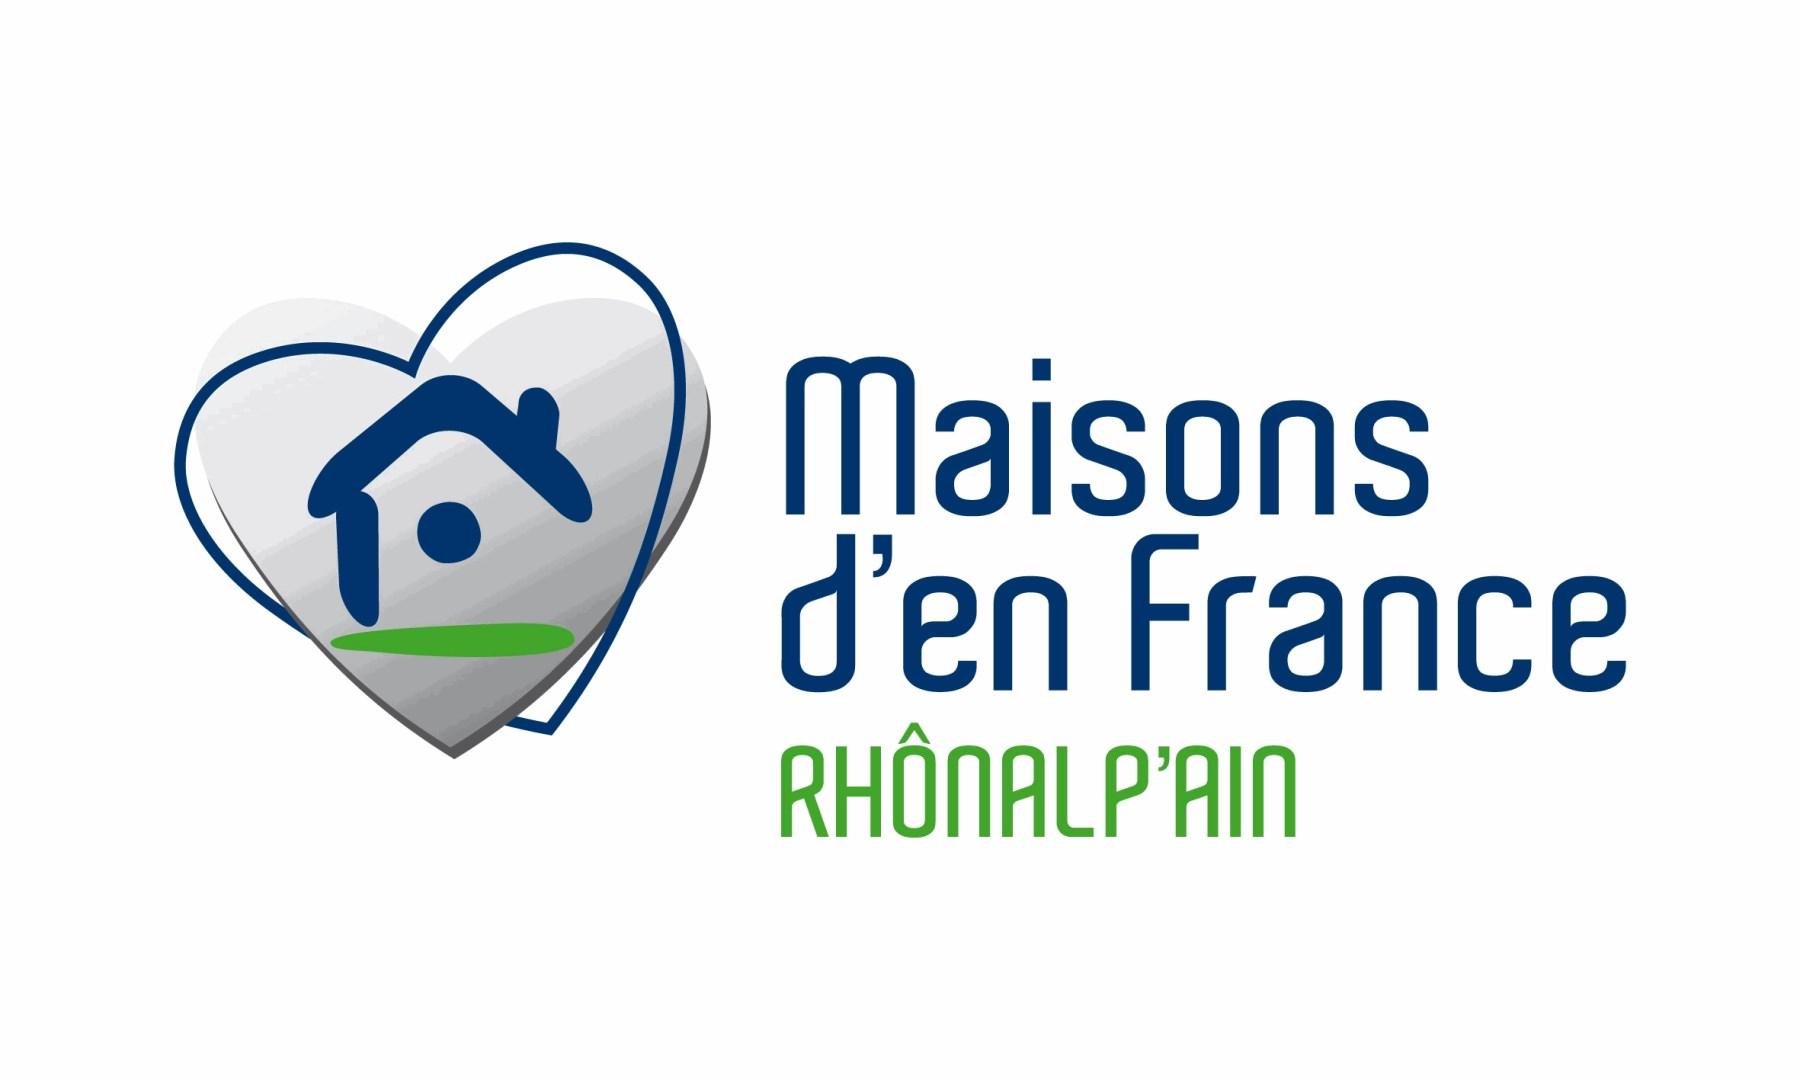 Maisons d'en France Rhonalp'Ain